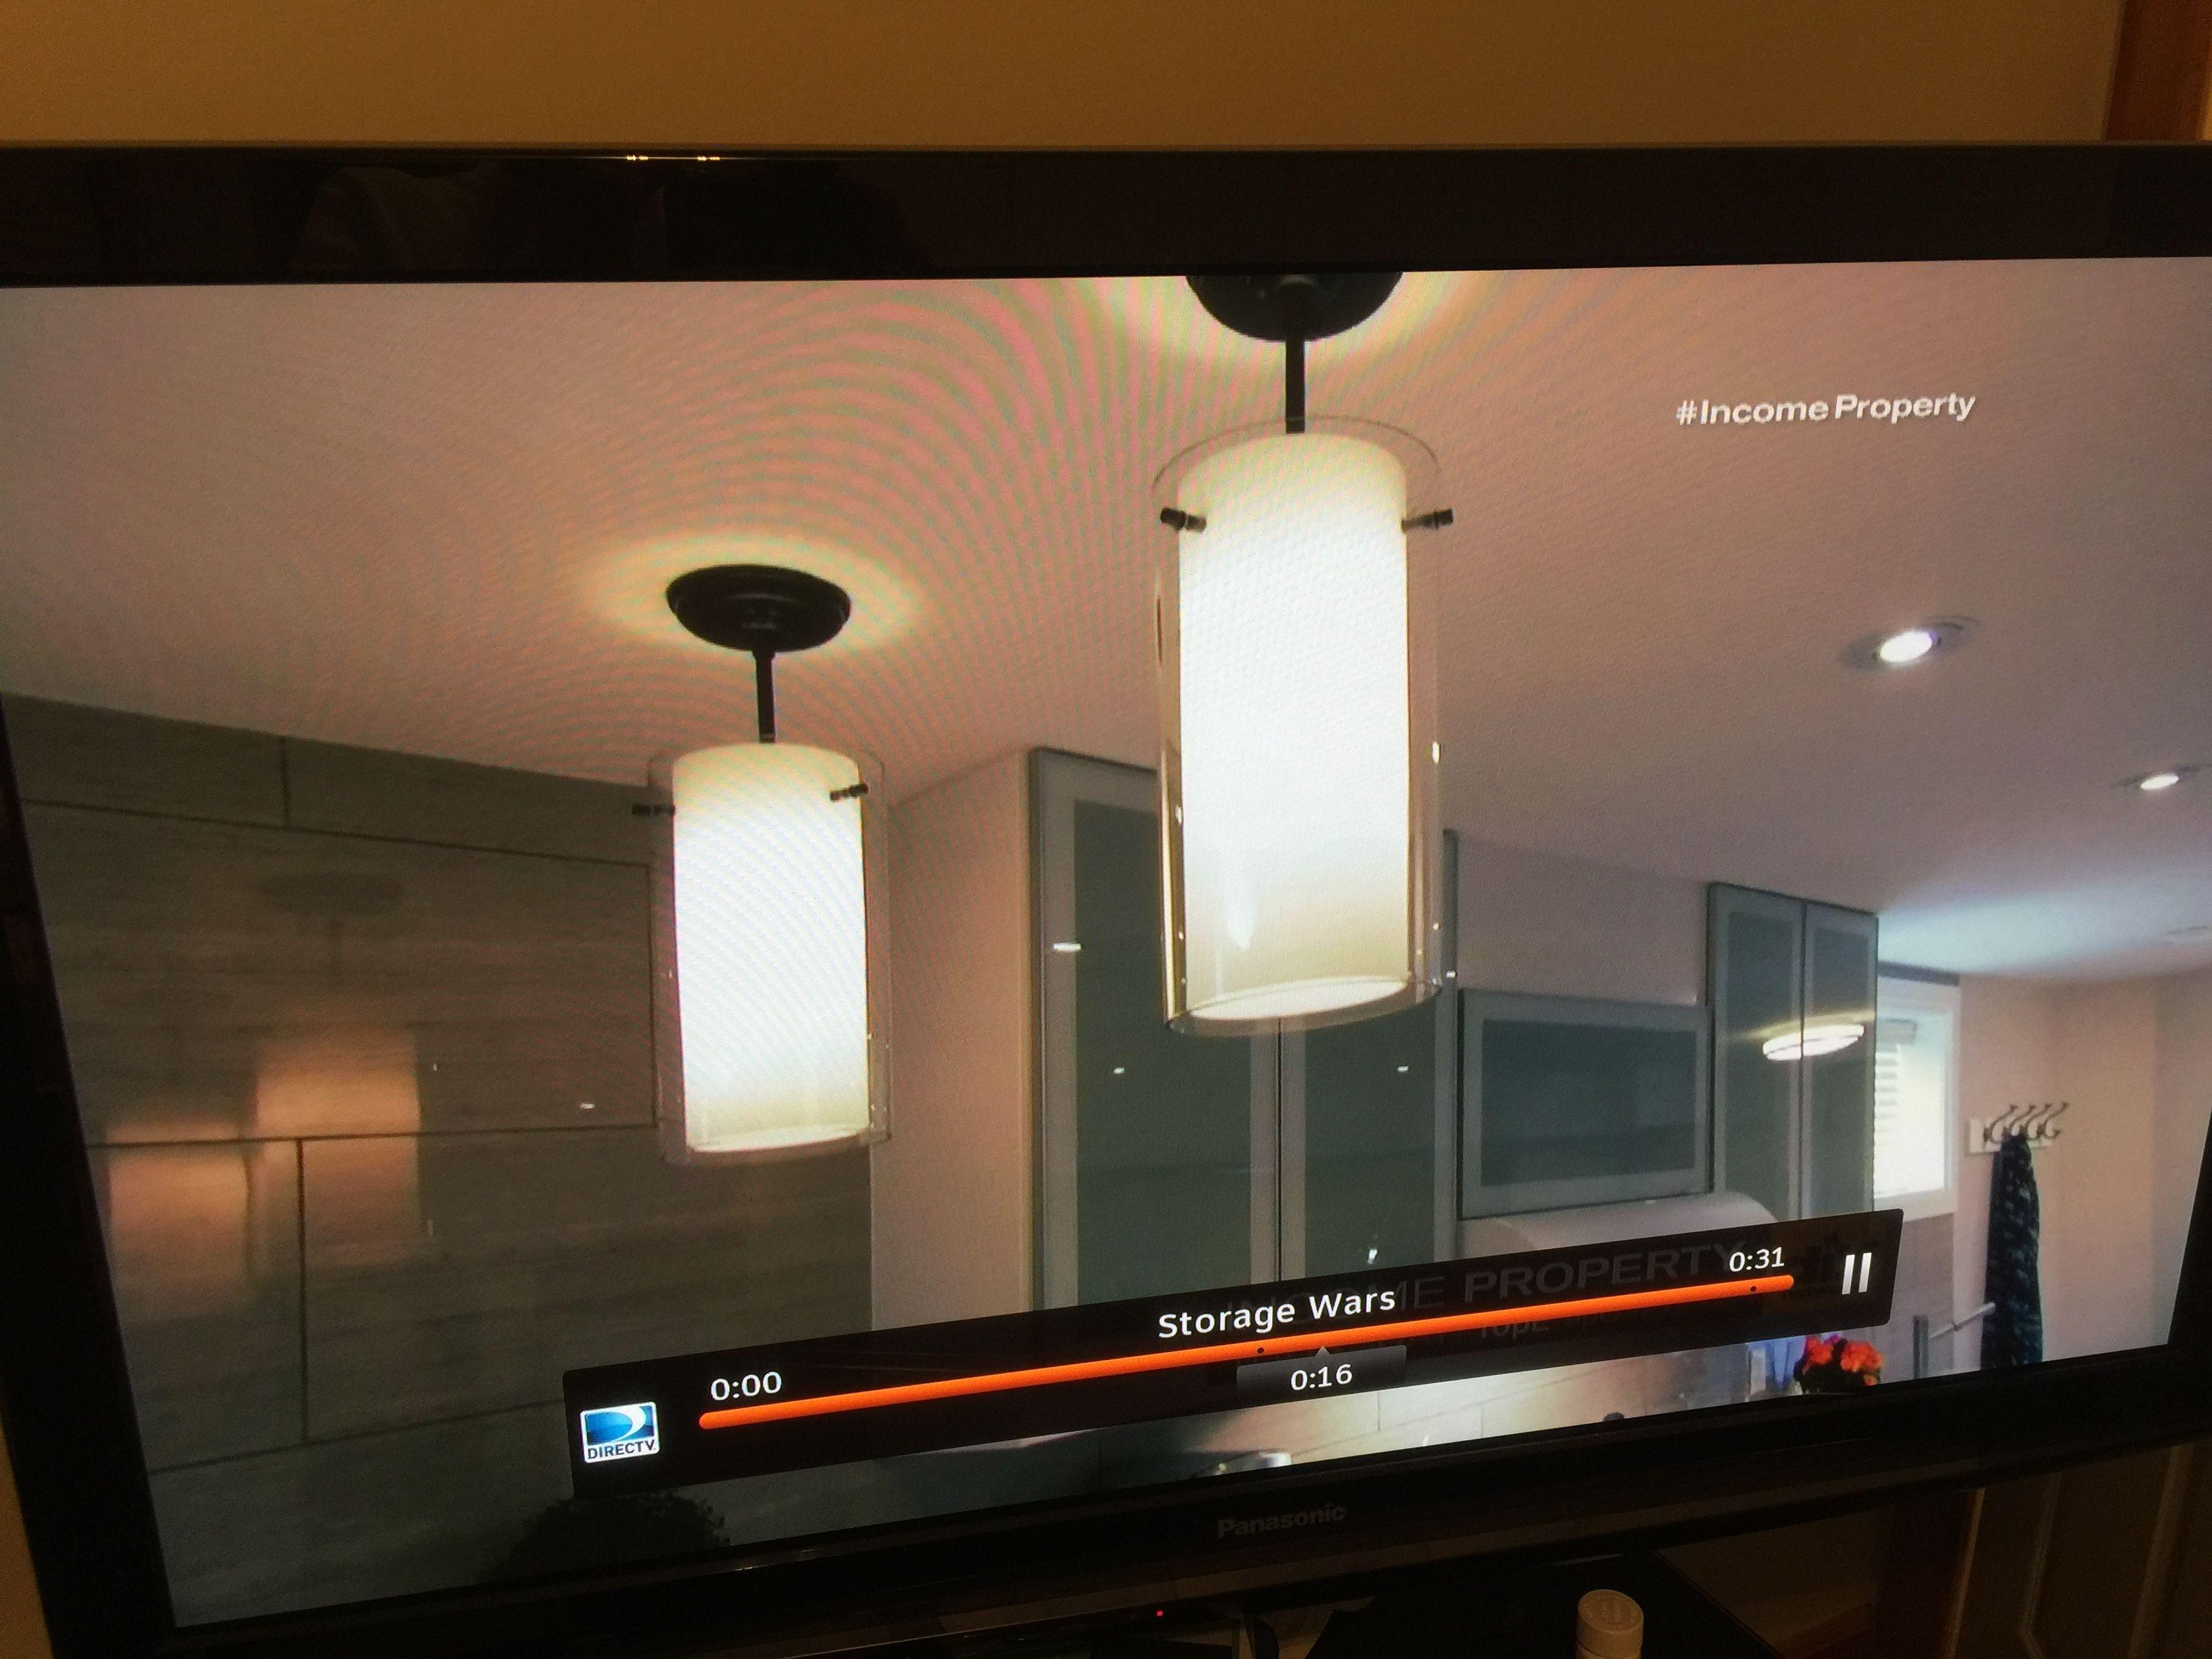 Pin By Chris Simmons On Home Lighting Home Lighting Lighting Home Decor